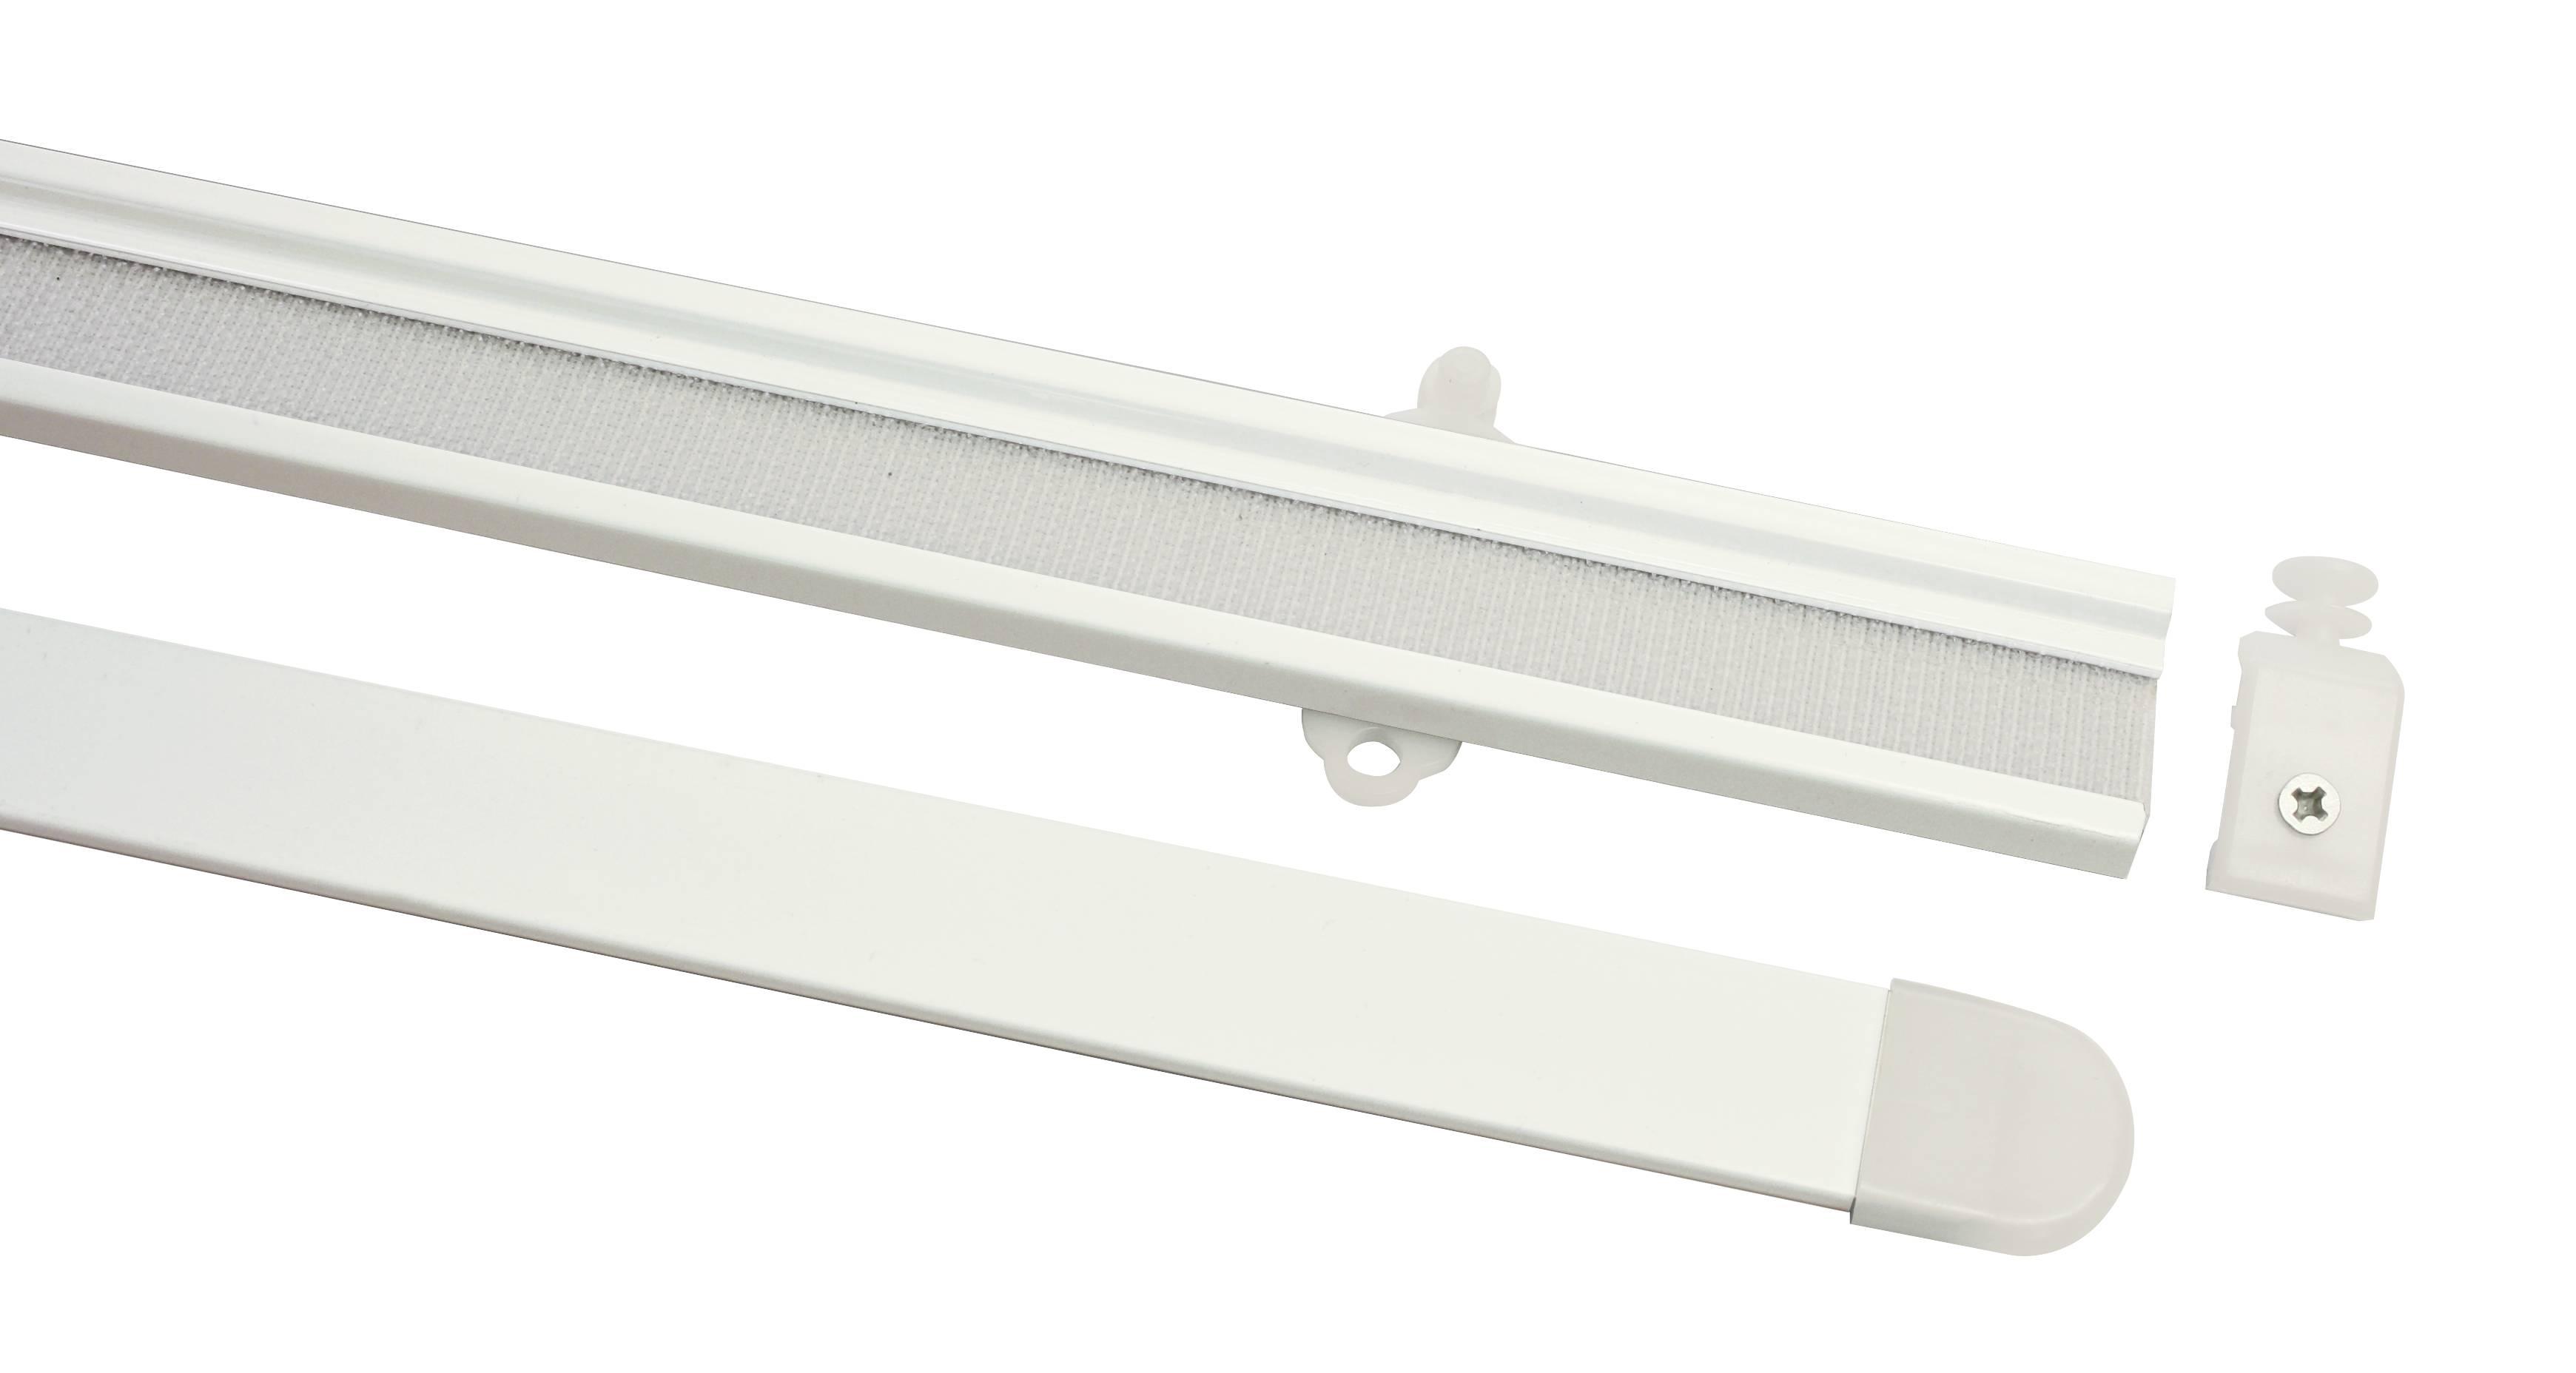 Paneelwagen 60 Cm ~ Paneelwagen cm weiß inklusive unterprofil set